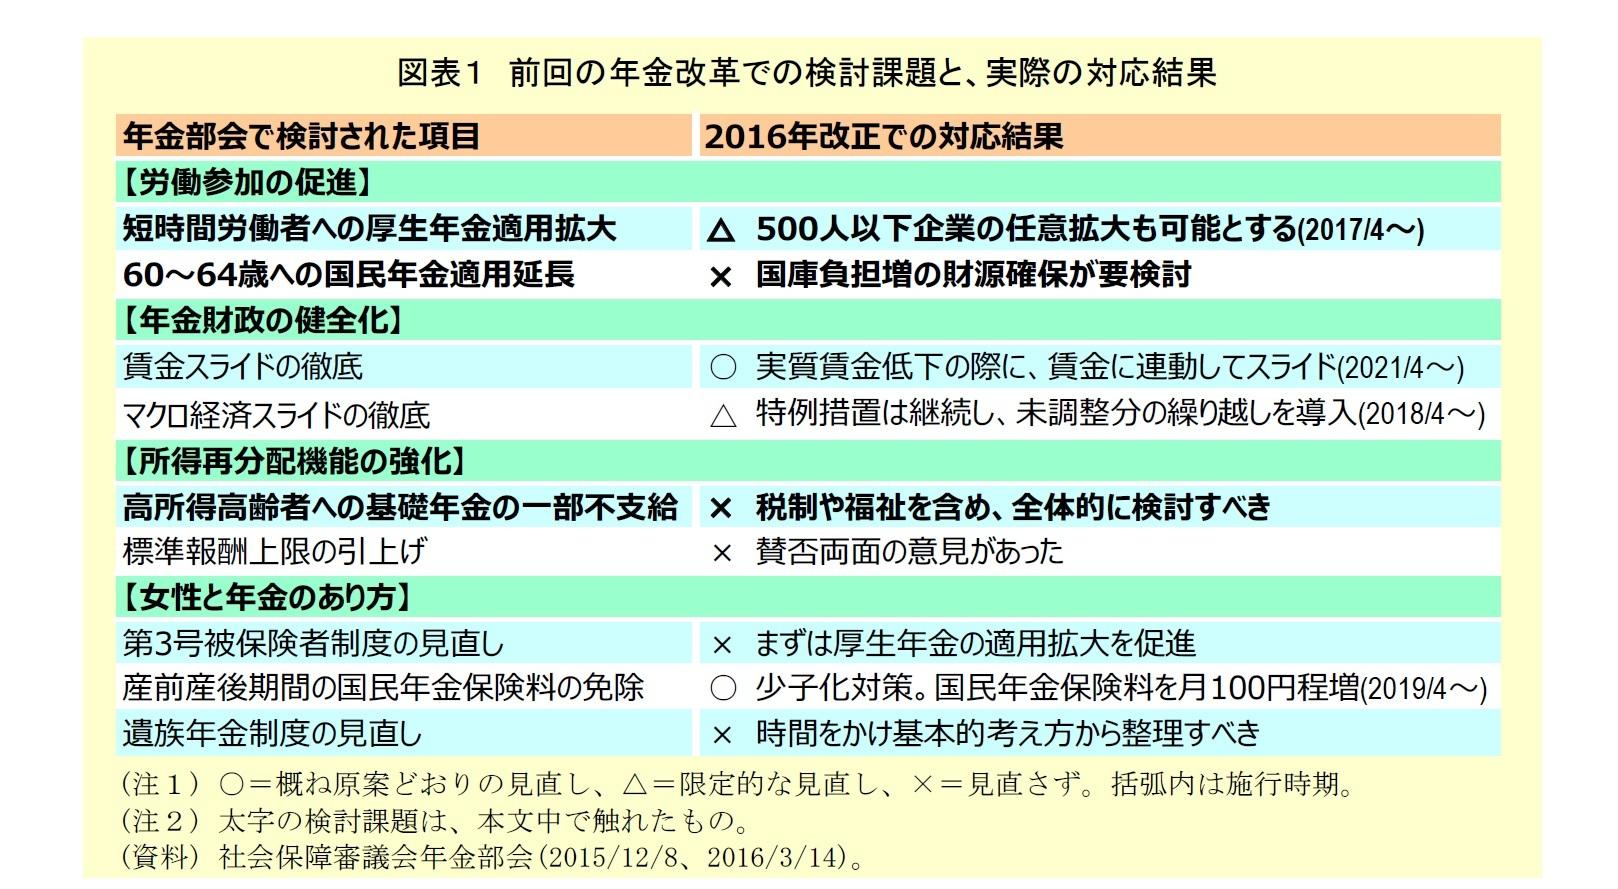 図表1:前回の年金改革での検討課題と、実際の対応結果